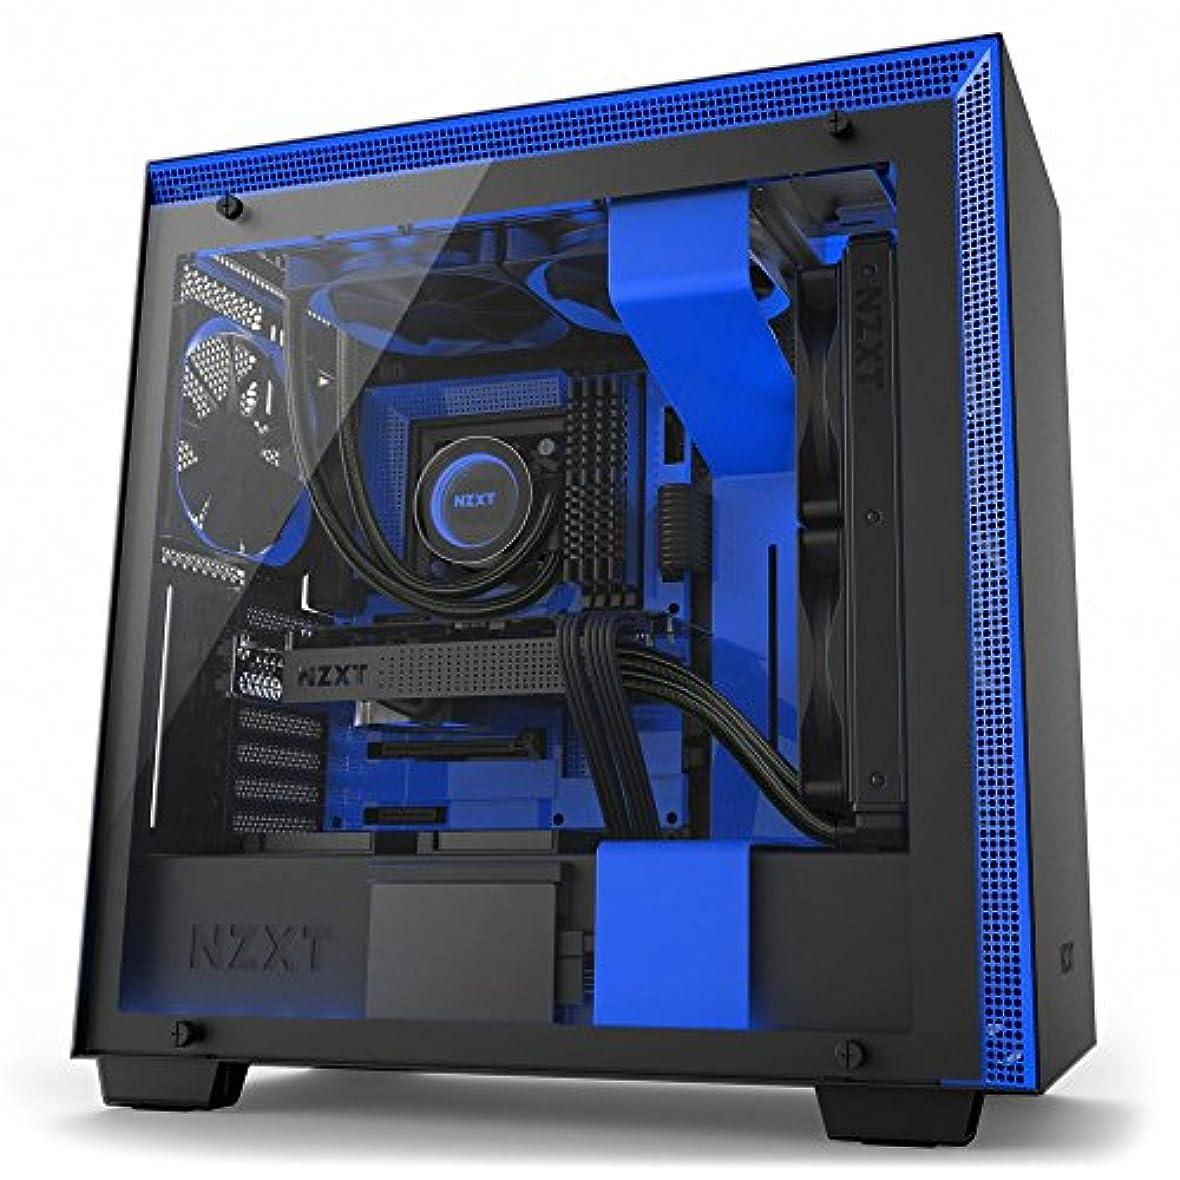 彼女はスチュワードラテンNZXT h700i mid-towerコンピュータケースブラック/ブルーca-h700 W-bl